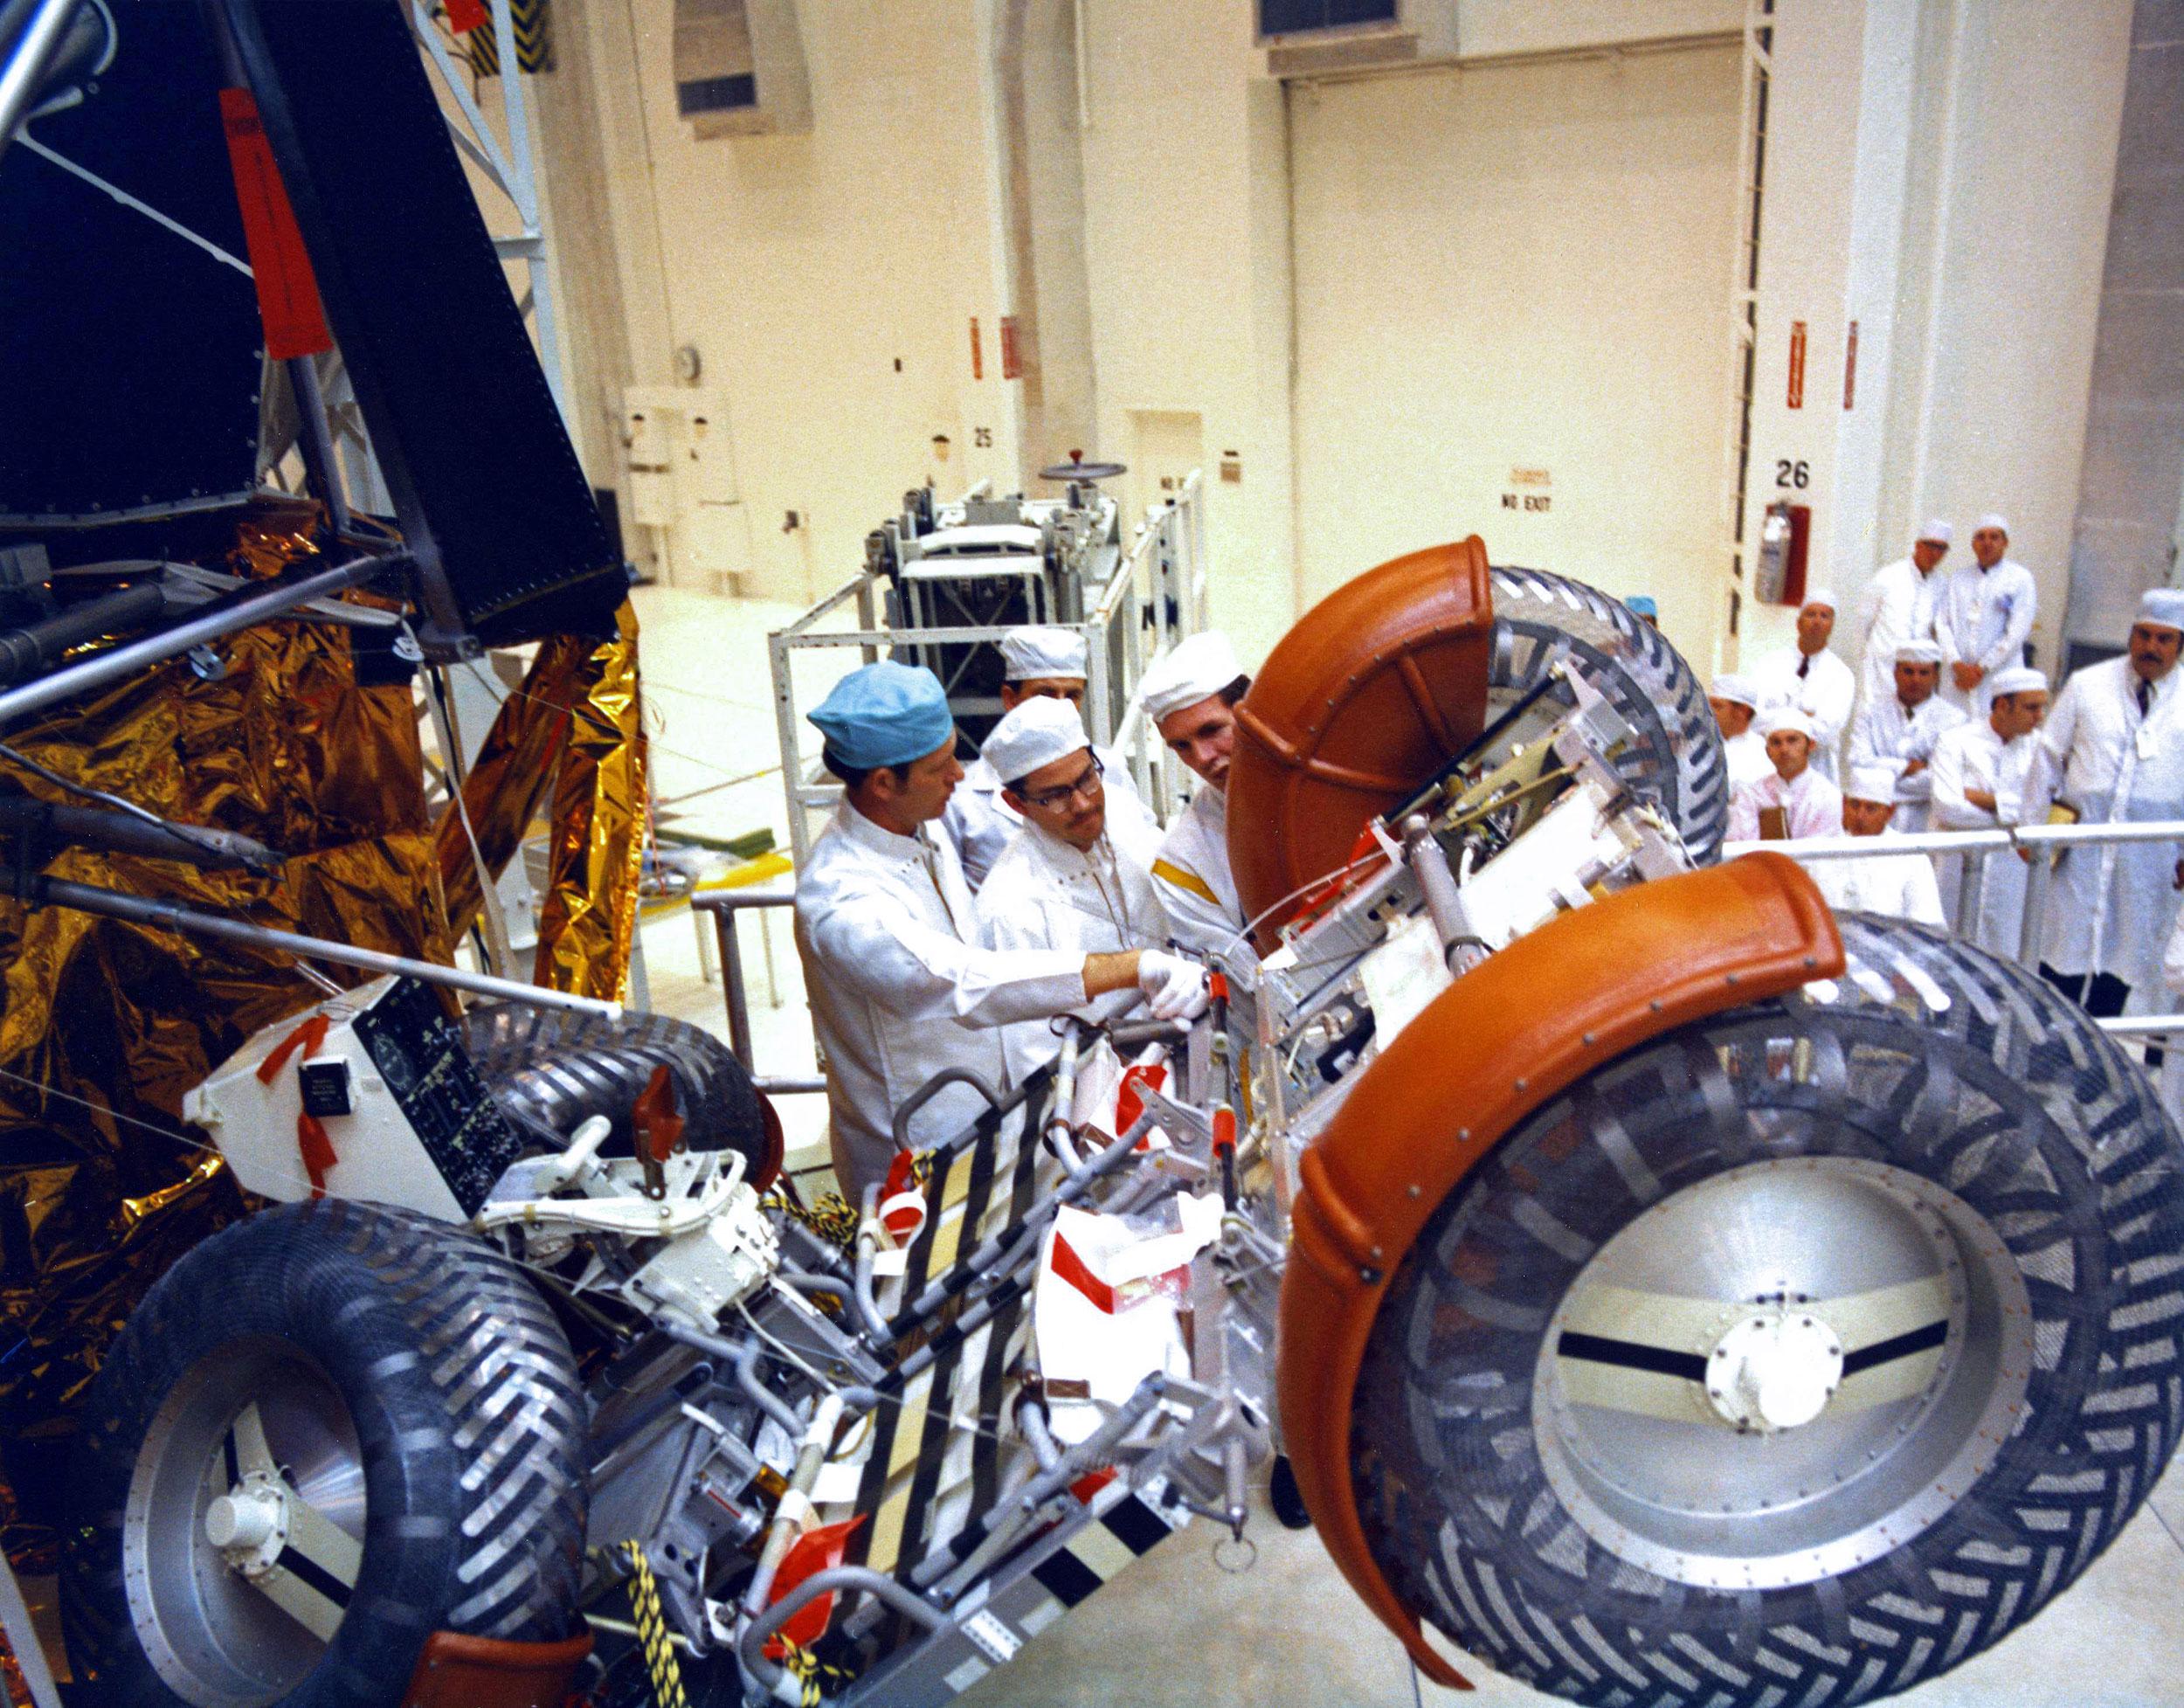 nasa rover construction - photo #16